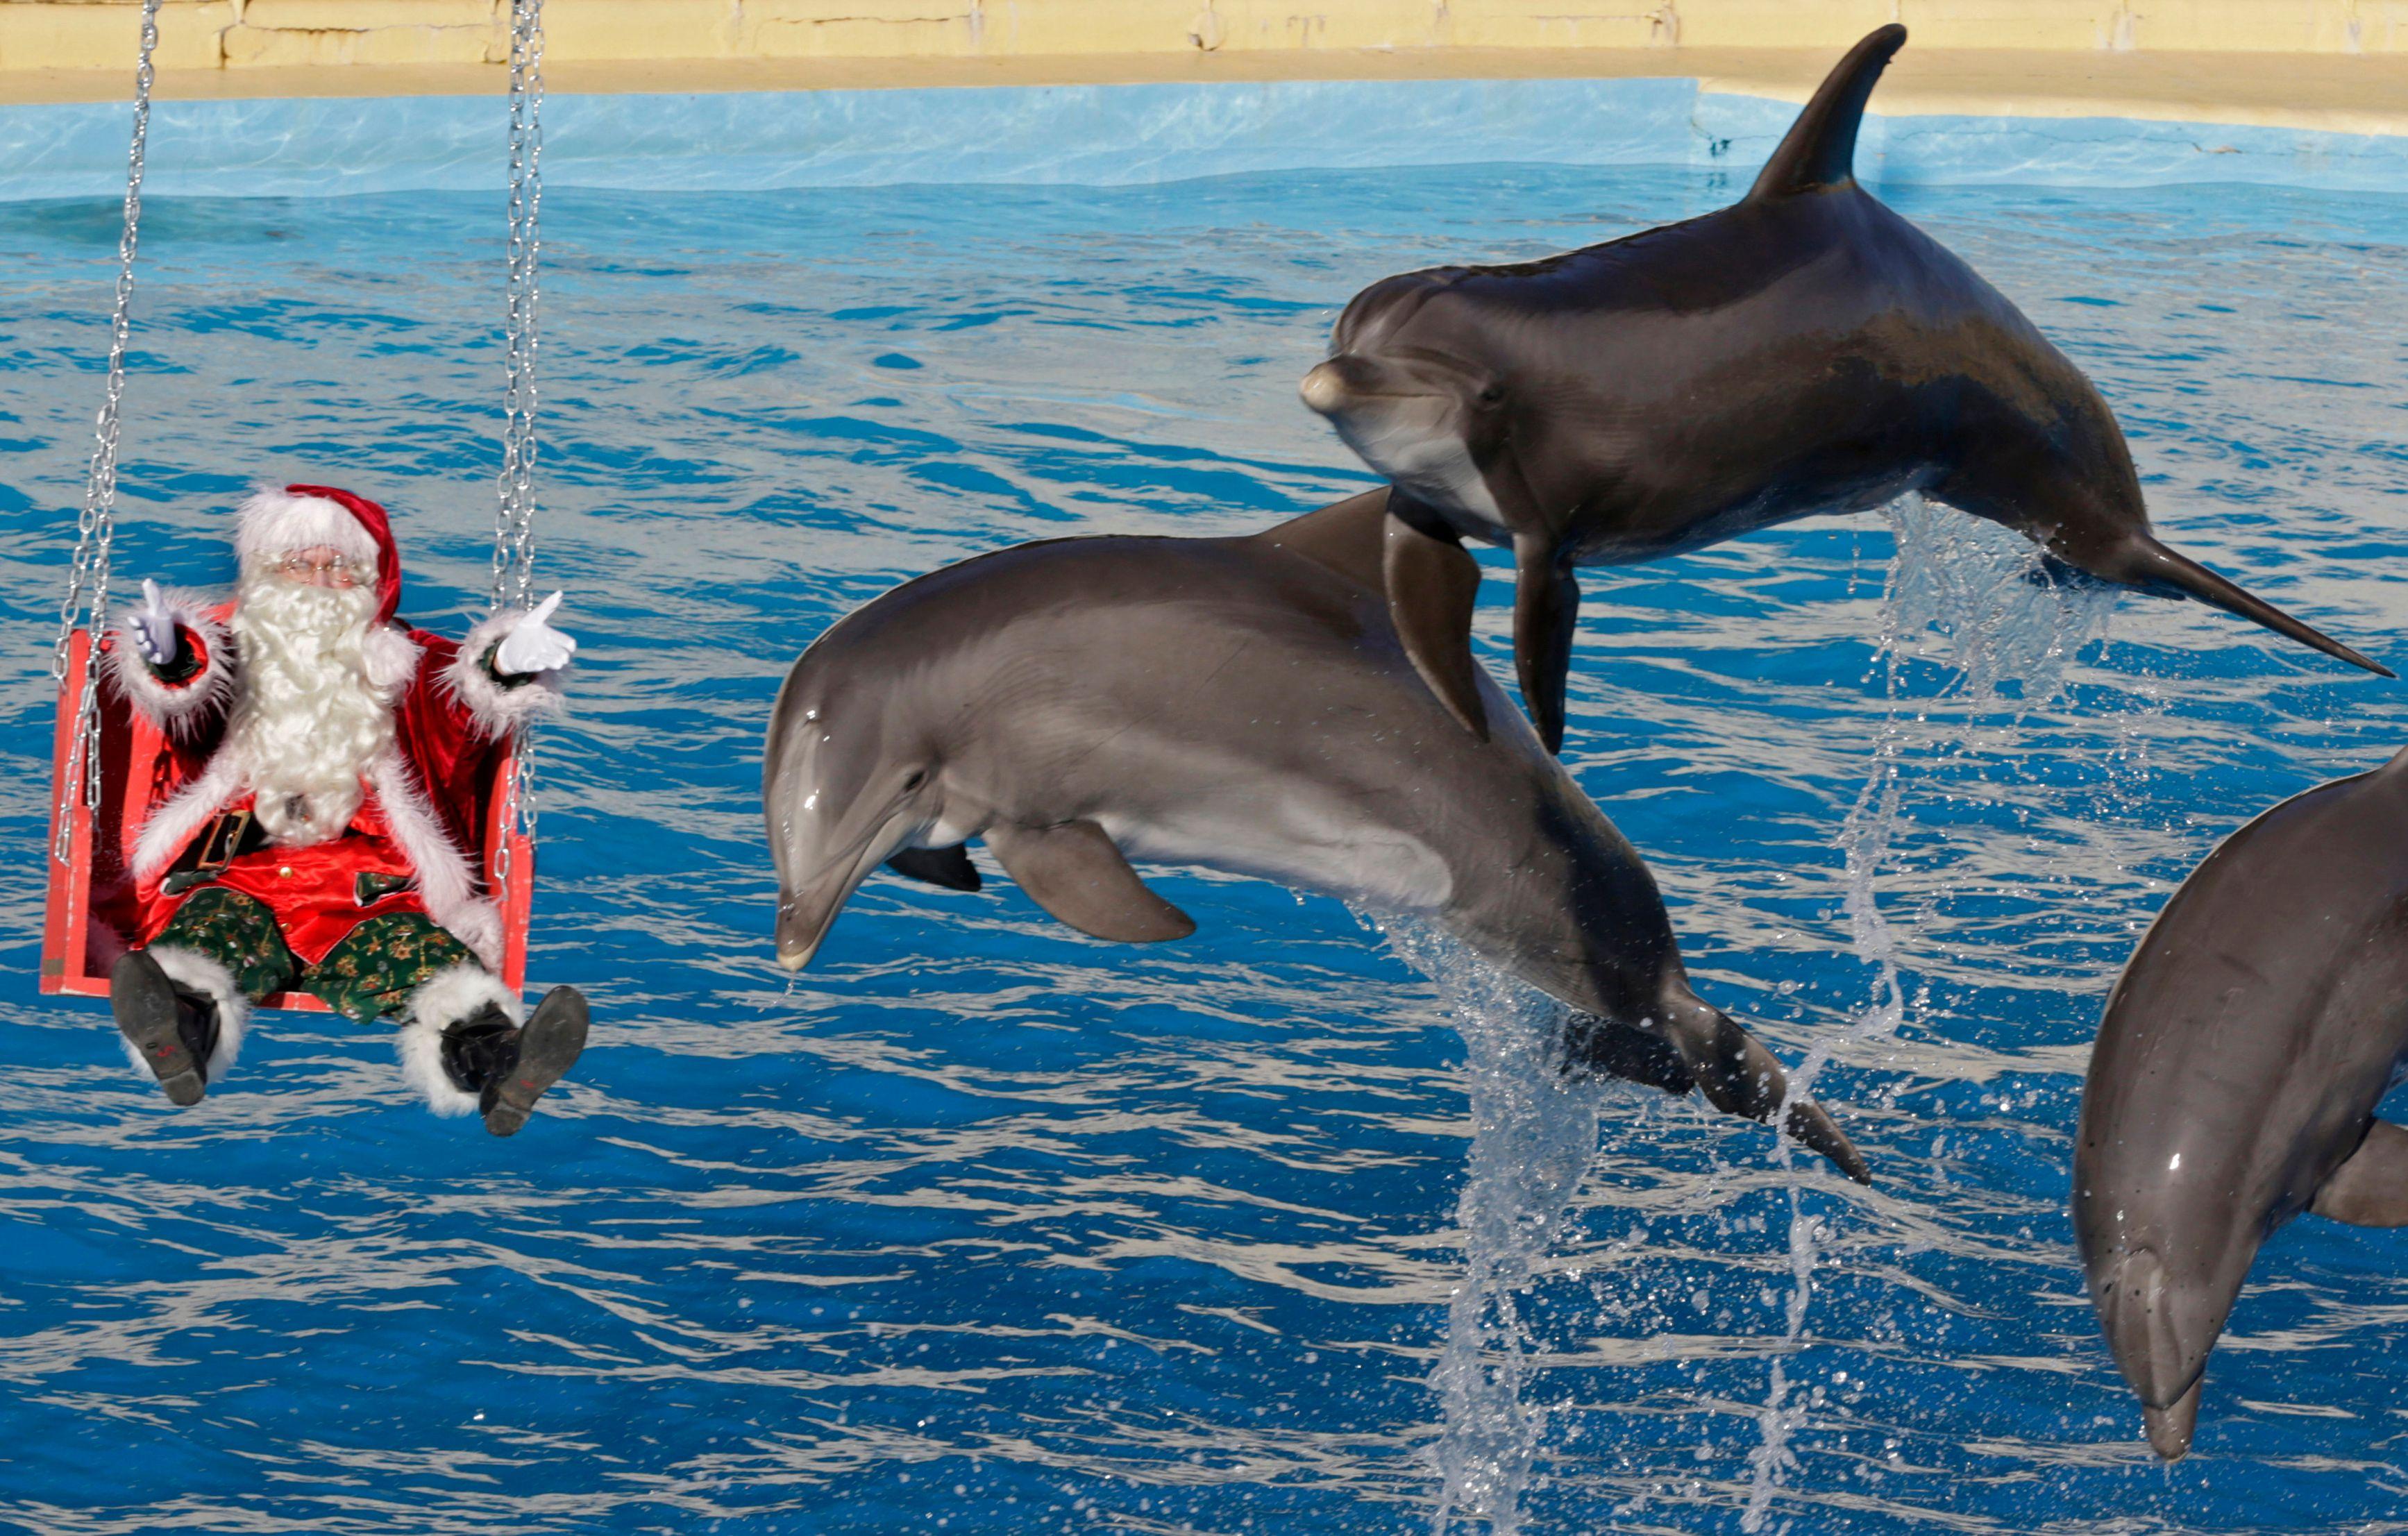 De nombreuses personnes souhaiteraient nager avec des dauphins avant de décéder.